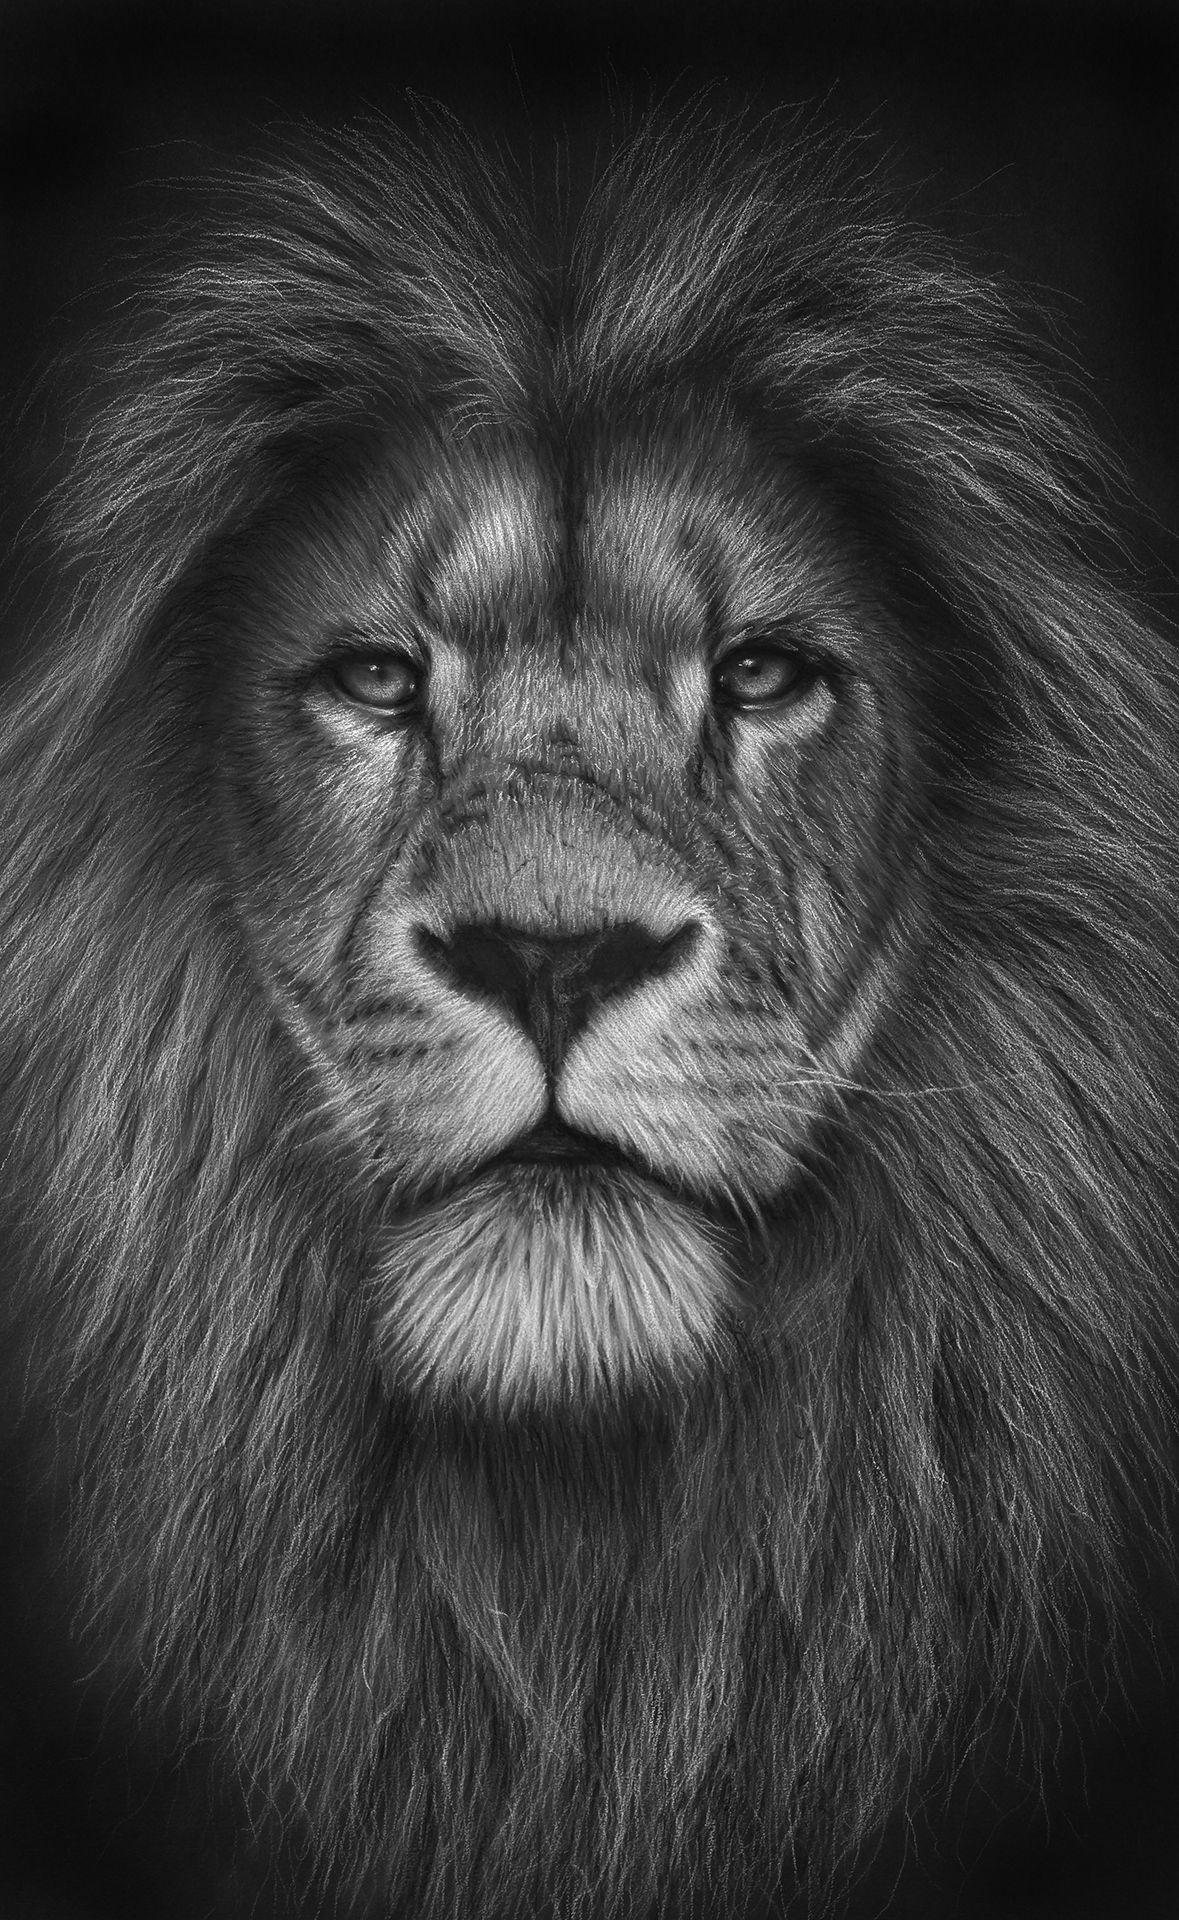 Lion heart — Colin Prestage